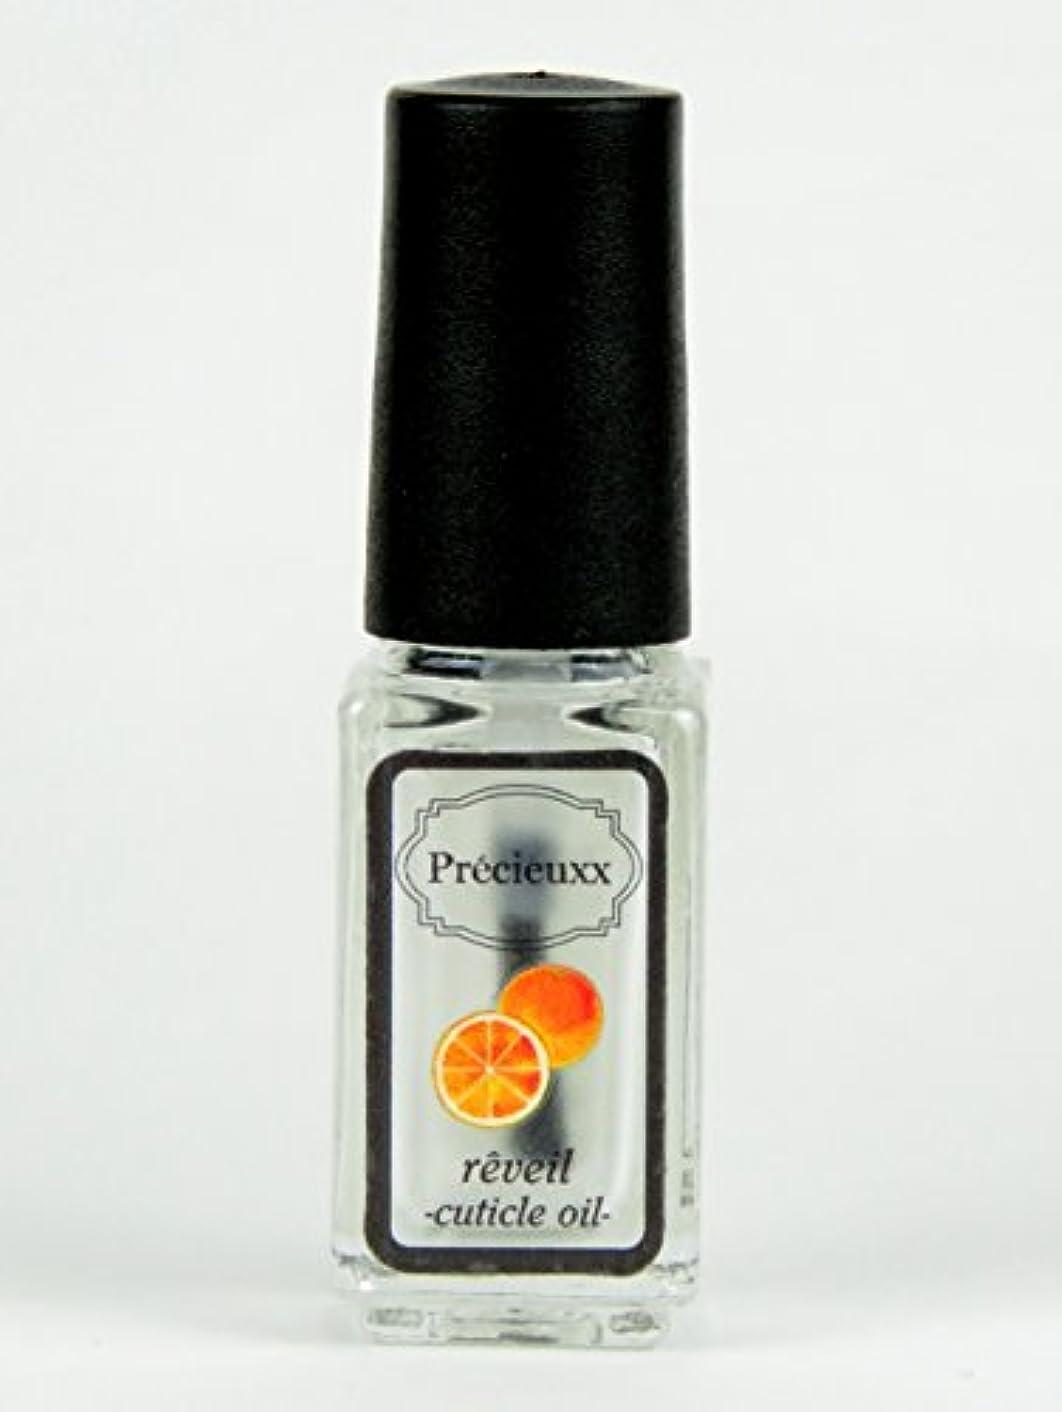 ハウス委員会優先オーガニック ネイルオイル Precieuxx(プレシュー) ネイルアンドキューティクルボタニカルオイル 5ml オレンジ